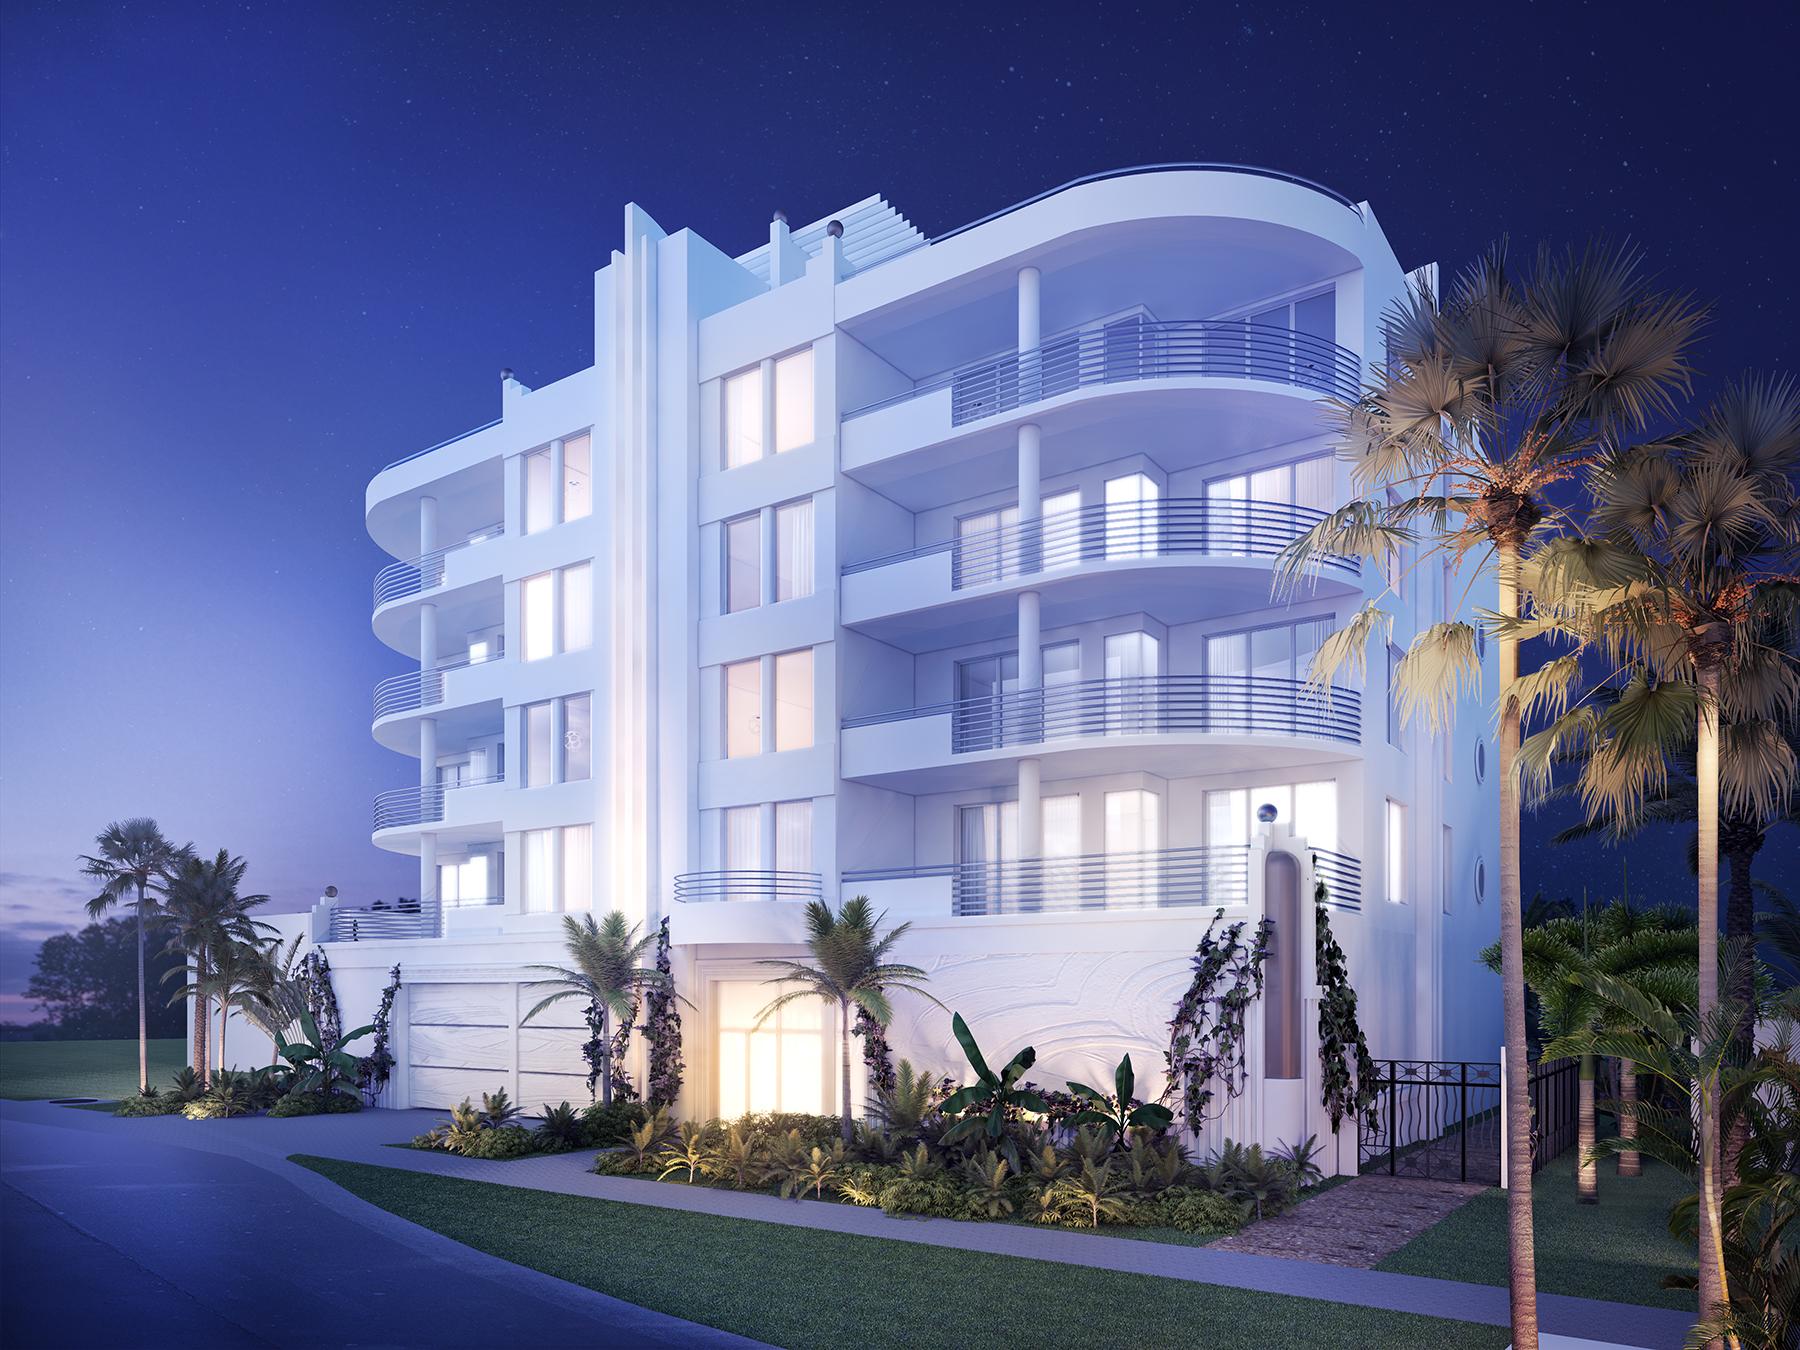 共管式独立产权公寓 为 销售 在 GOLDEN GATE POINT 609 Golden Gate Pt 402 4 萨拉索塔, 佛罗里达州, 34236 美国